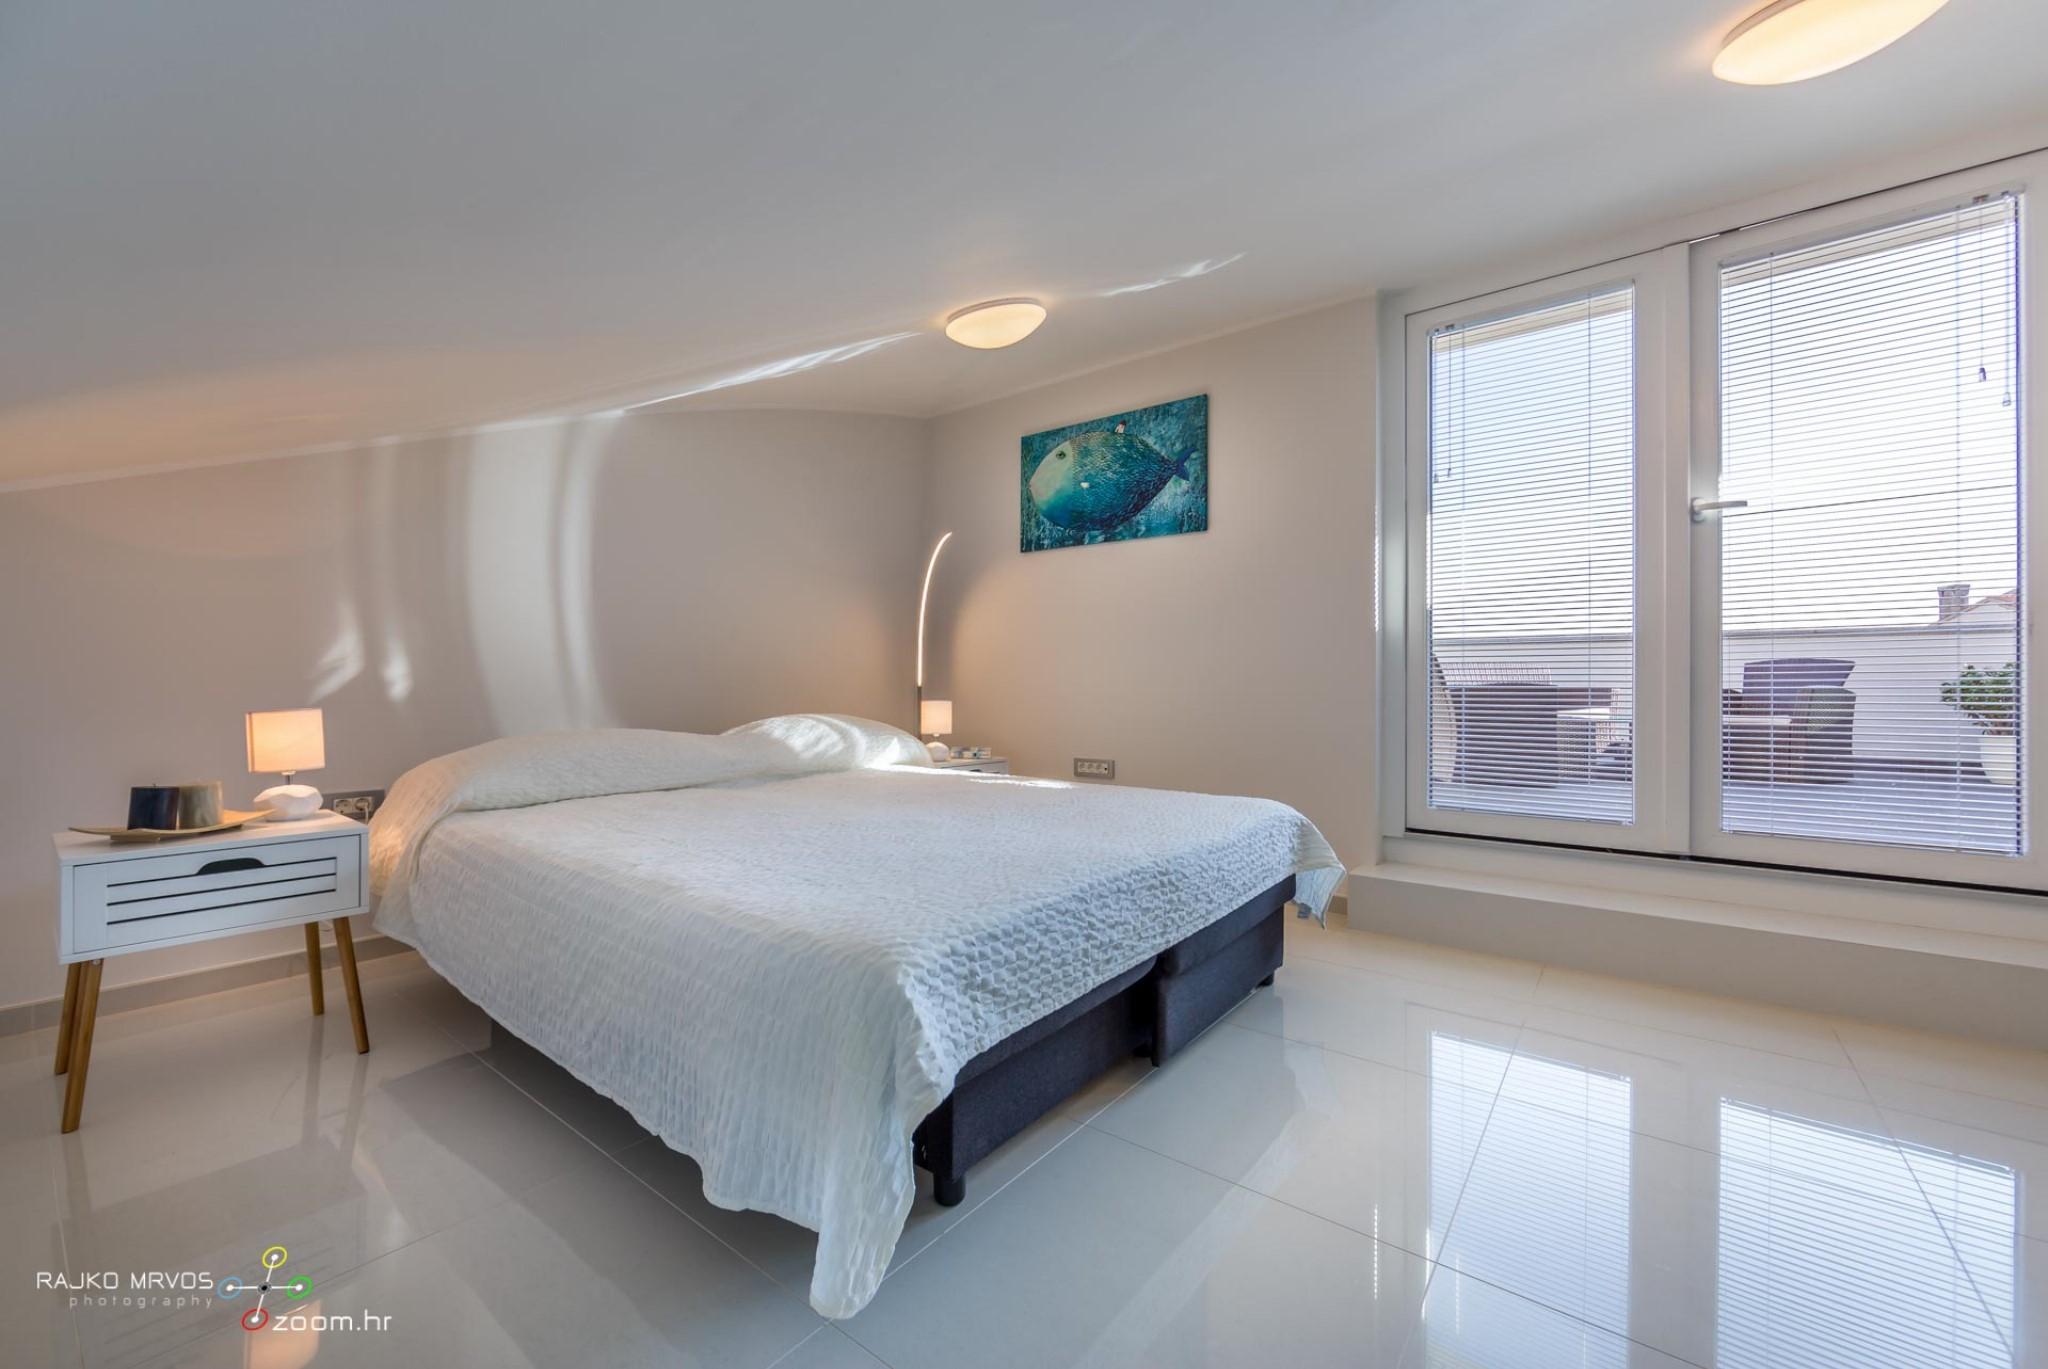 fotografiranje-interijera-fotograf-eksterijera-apartmana-vila-kuca-hotela-apartman-Pobri-Opatija-62